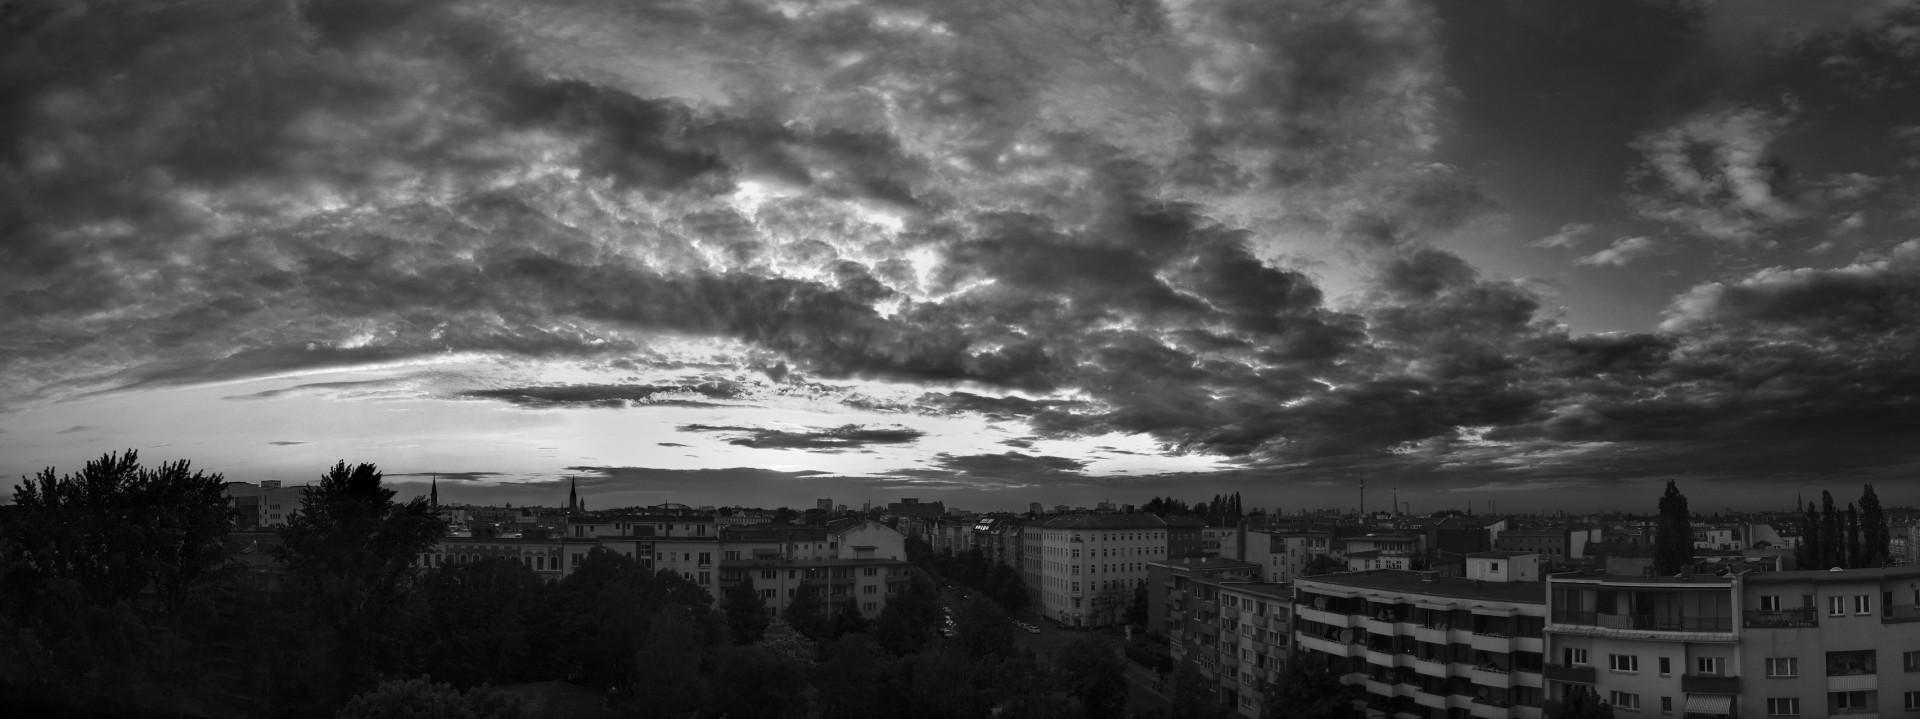 Berlin, Kreuzberg - Philip Gunkel -5